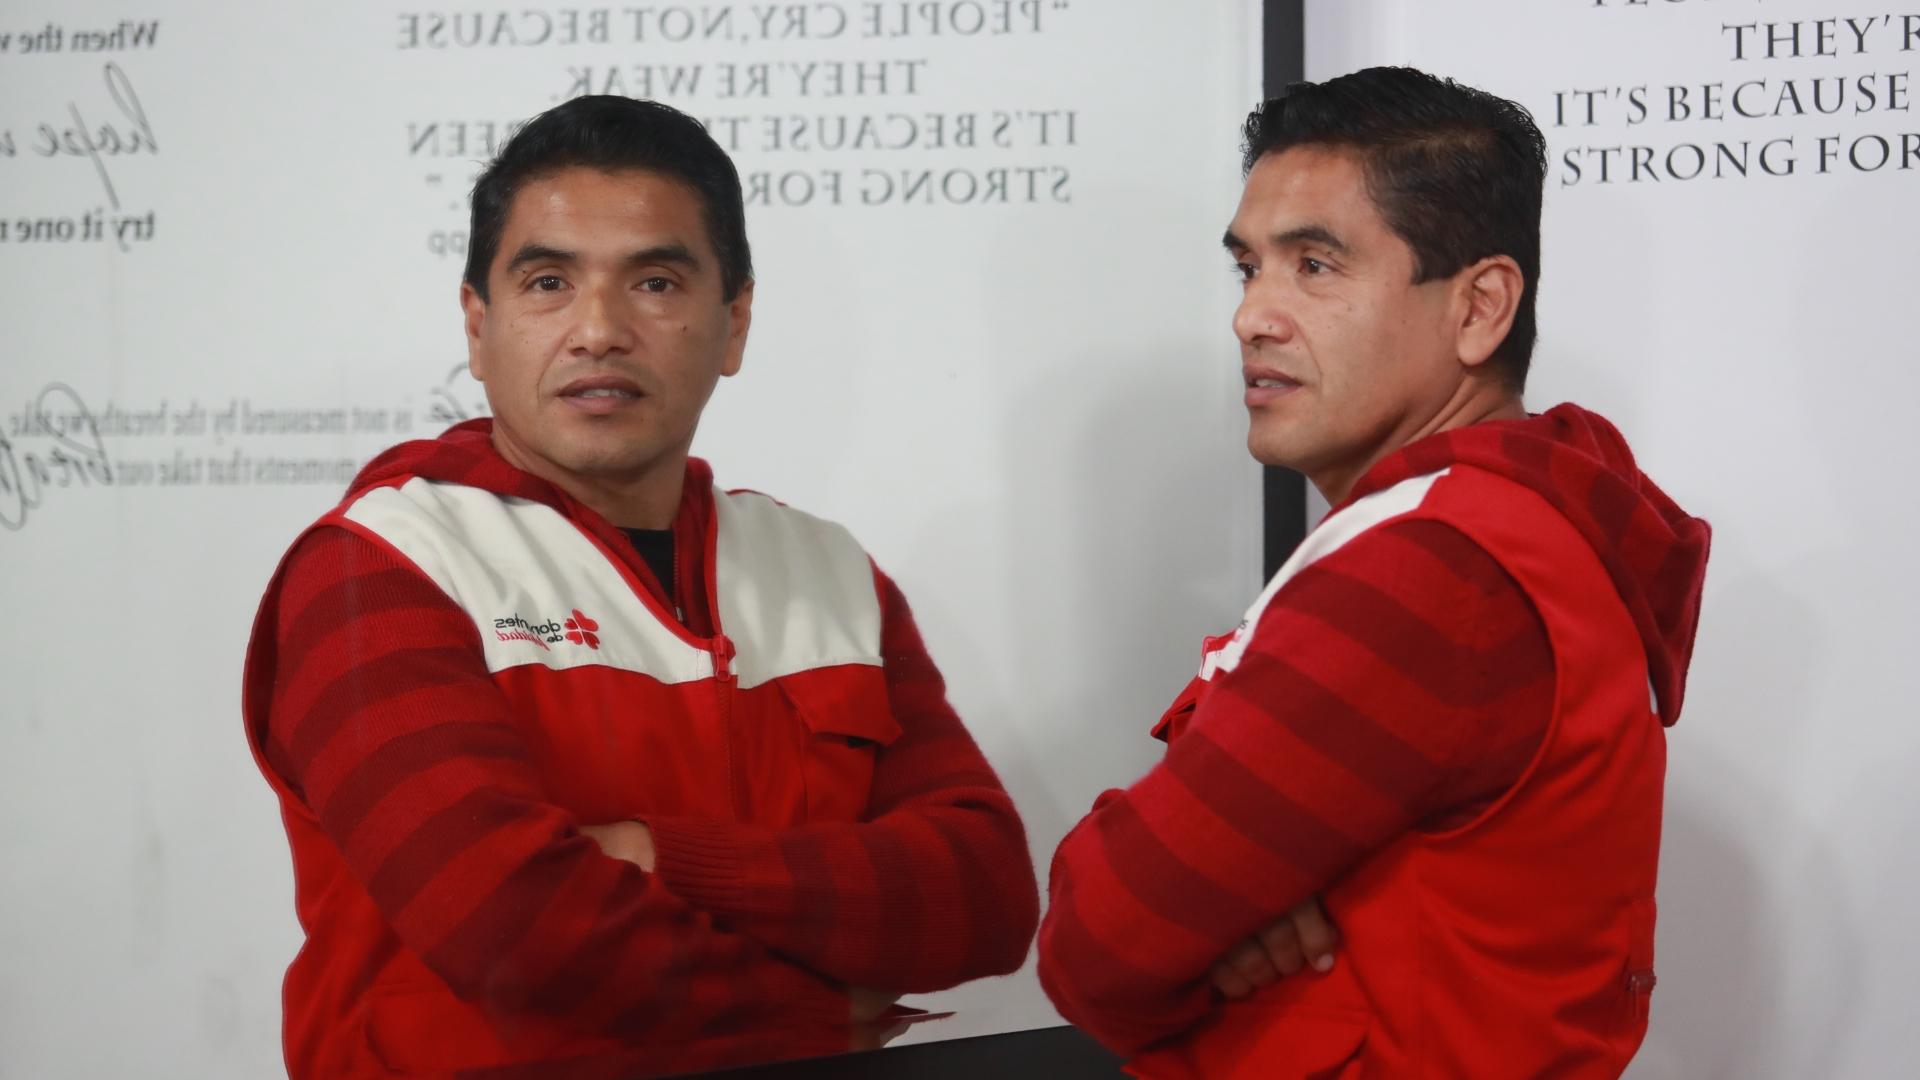 Juan Eduardo Torres, el hombre con el récord nacional de donación de sangre